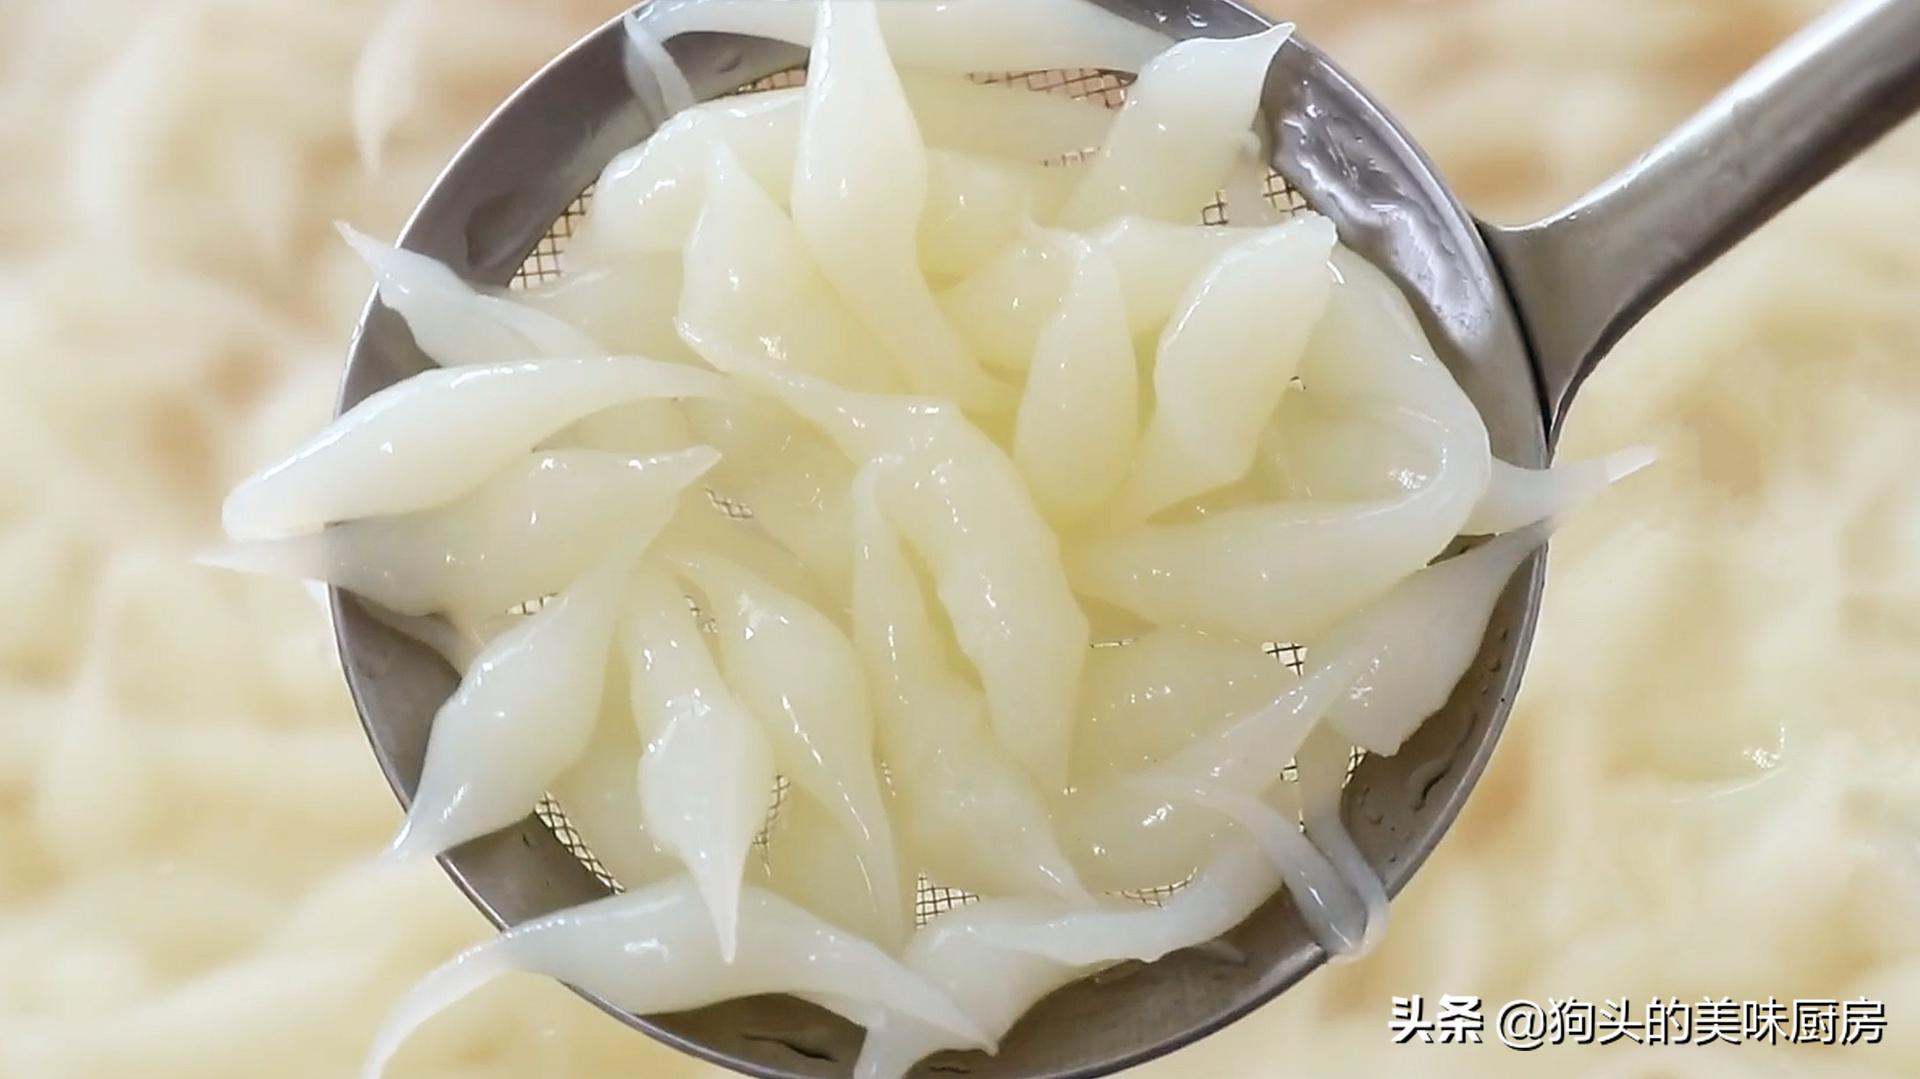 天热就喜欢吃它,6块钱一碗,自己也能做,筷子一搅,爽滑又筋道 美食做法 第1张